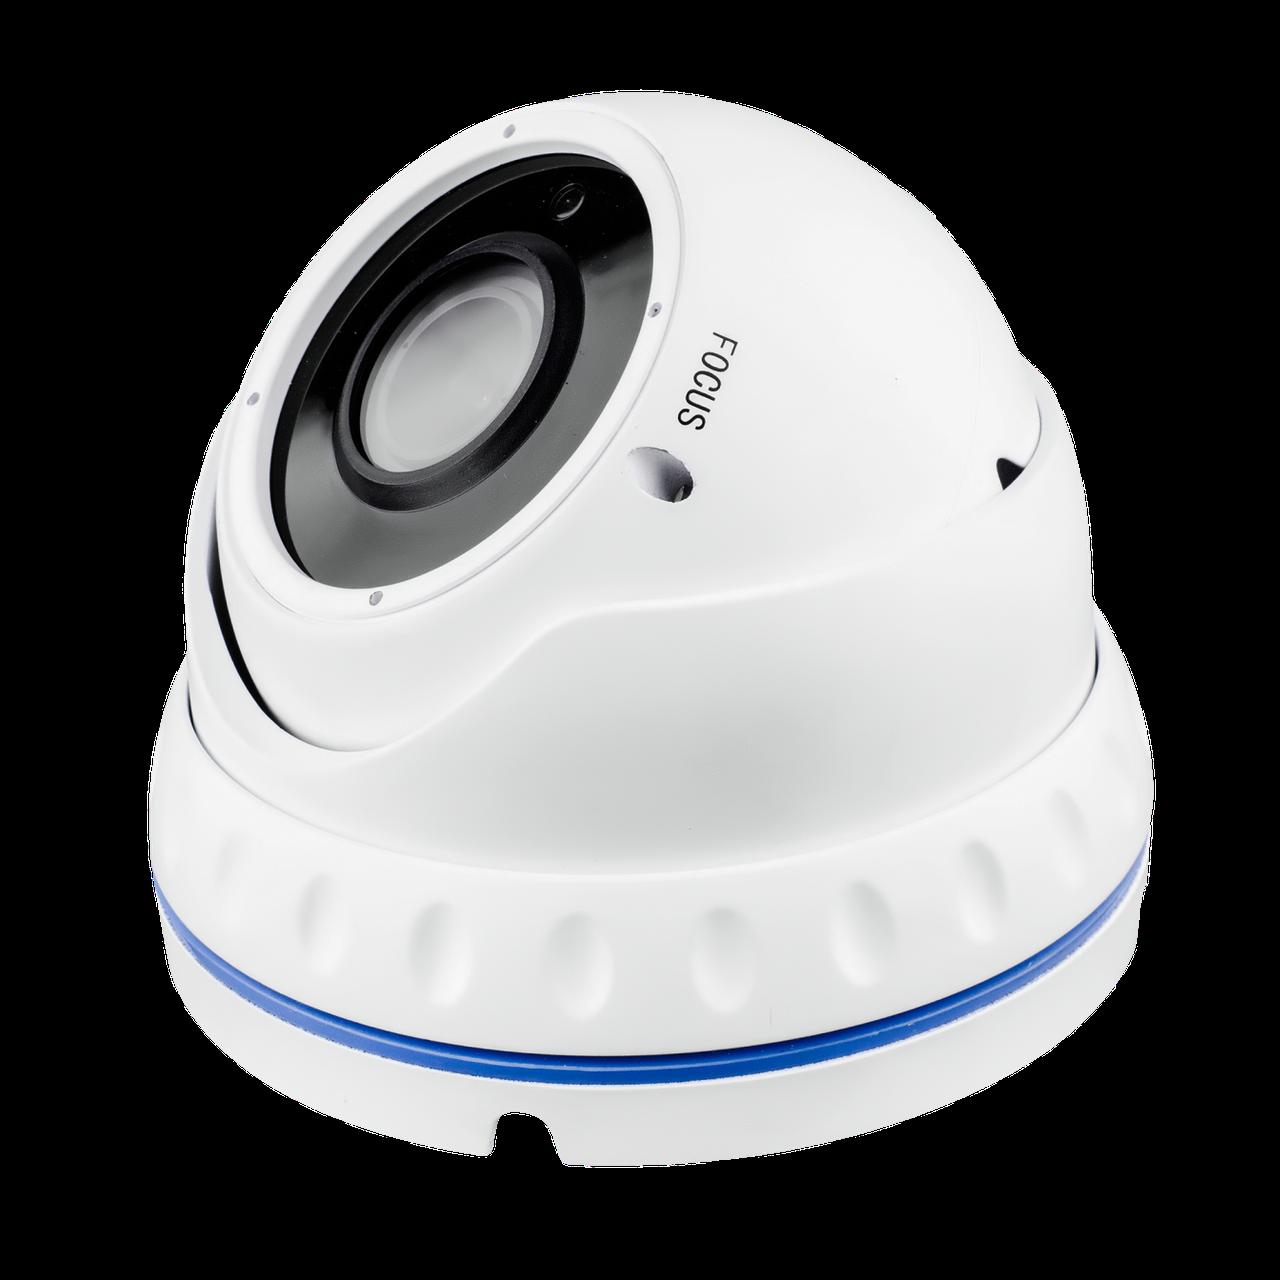 Гибридная Антивандальная камера для внутренней и наружной установки GreenVision GV-052-GHD-G-DOA20V-30 1080p